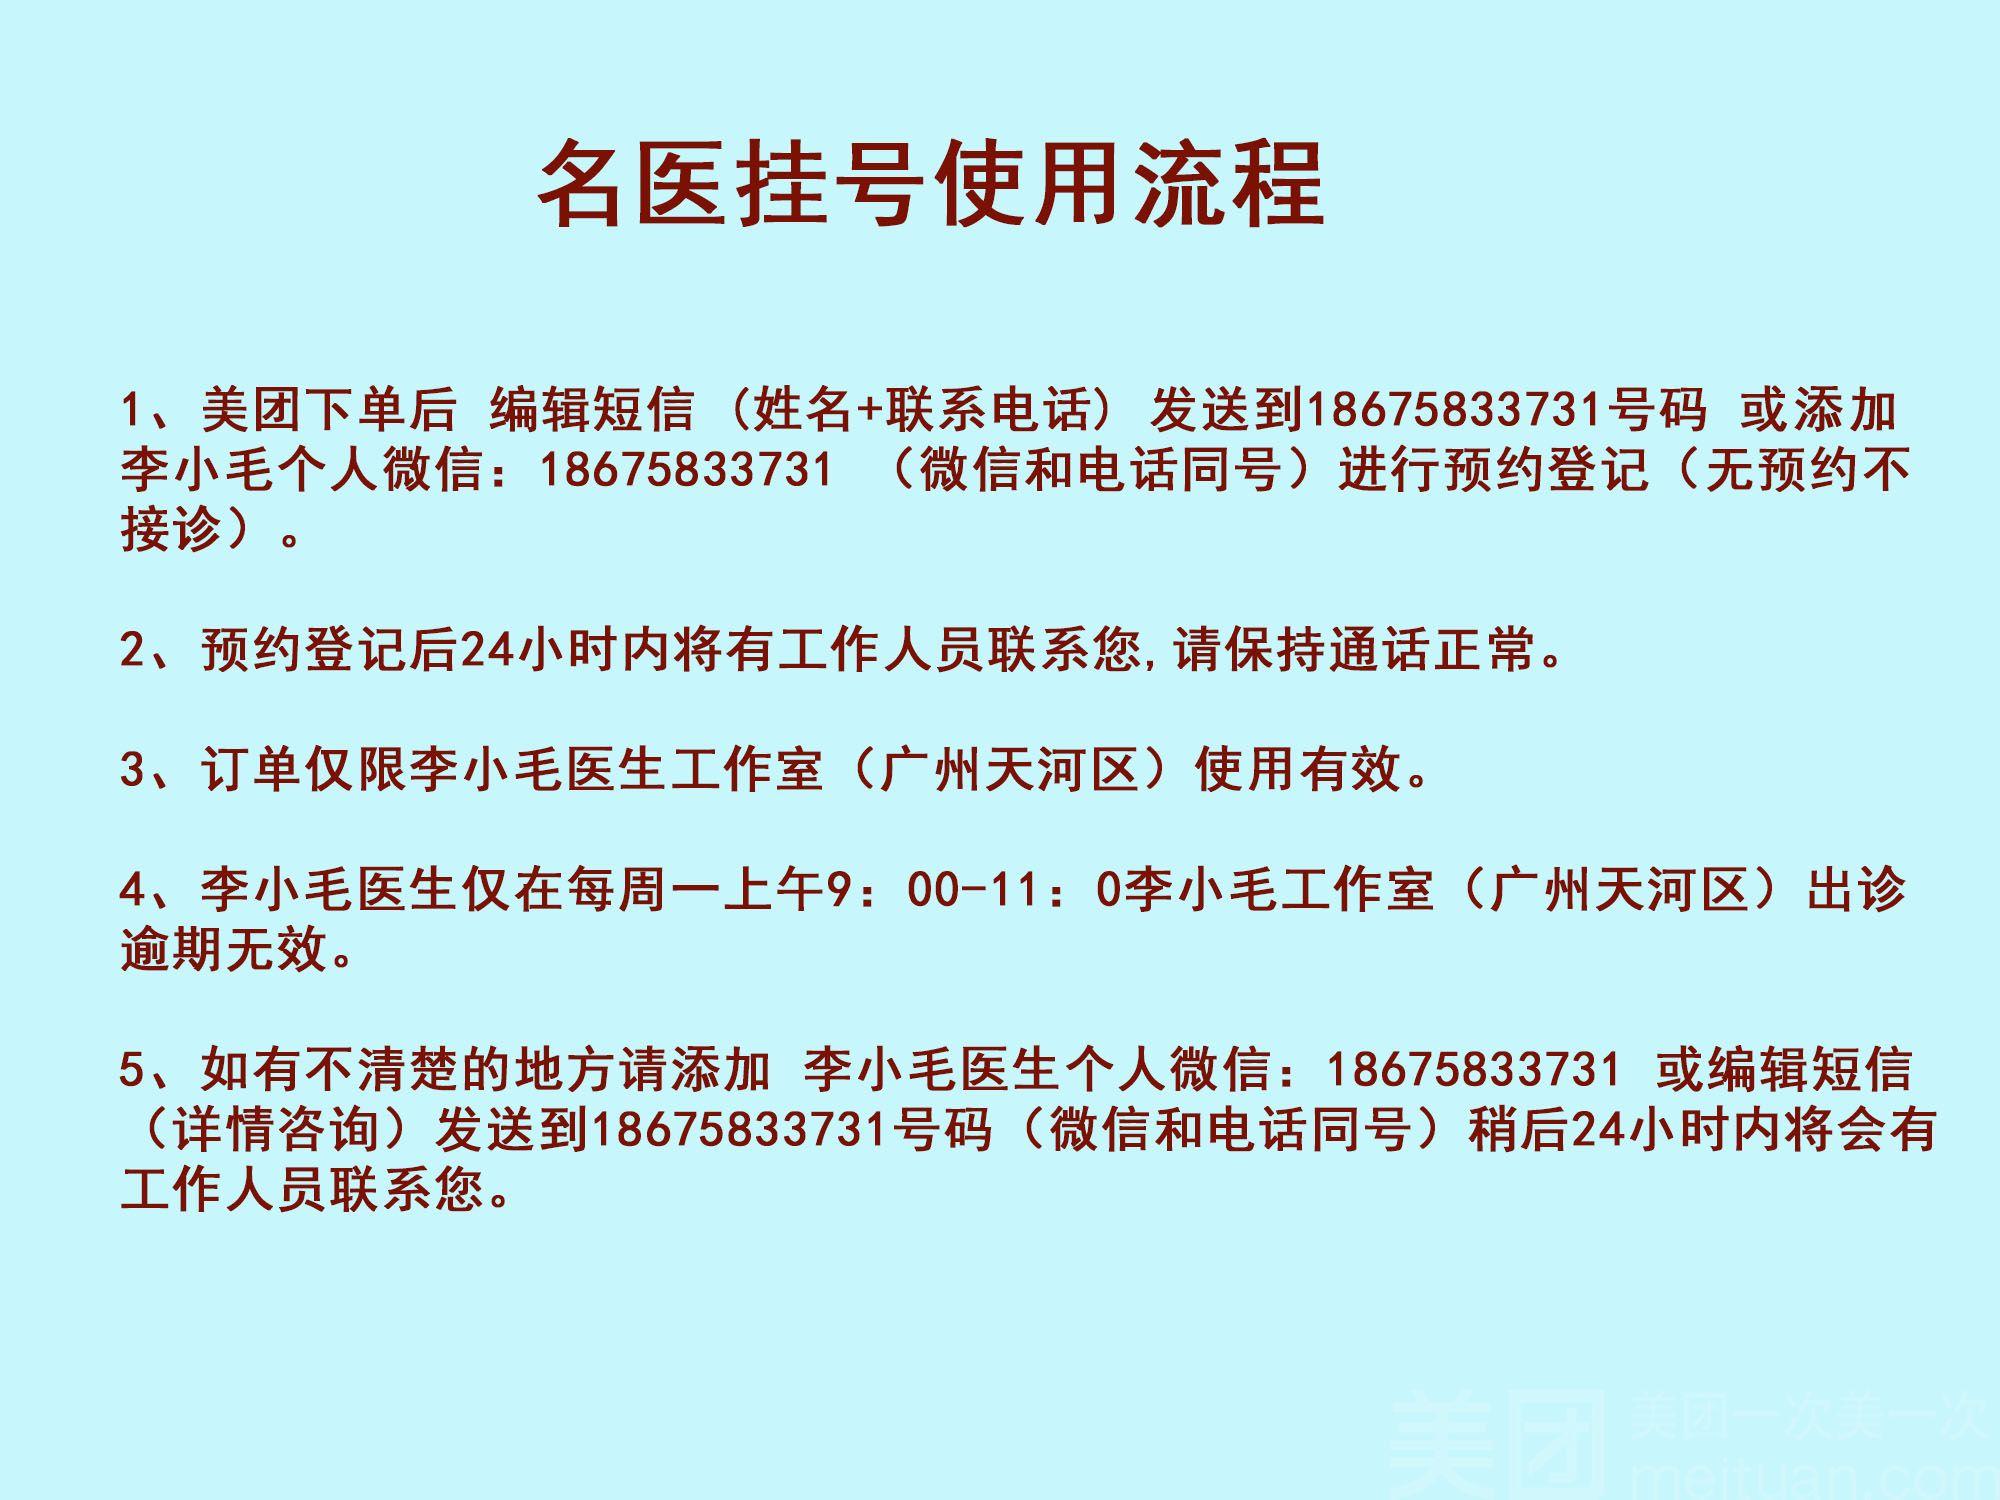 广州仁爱医院(中山大学附属第三医院联盟医院)-美团